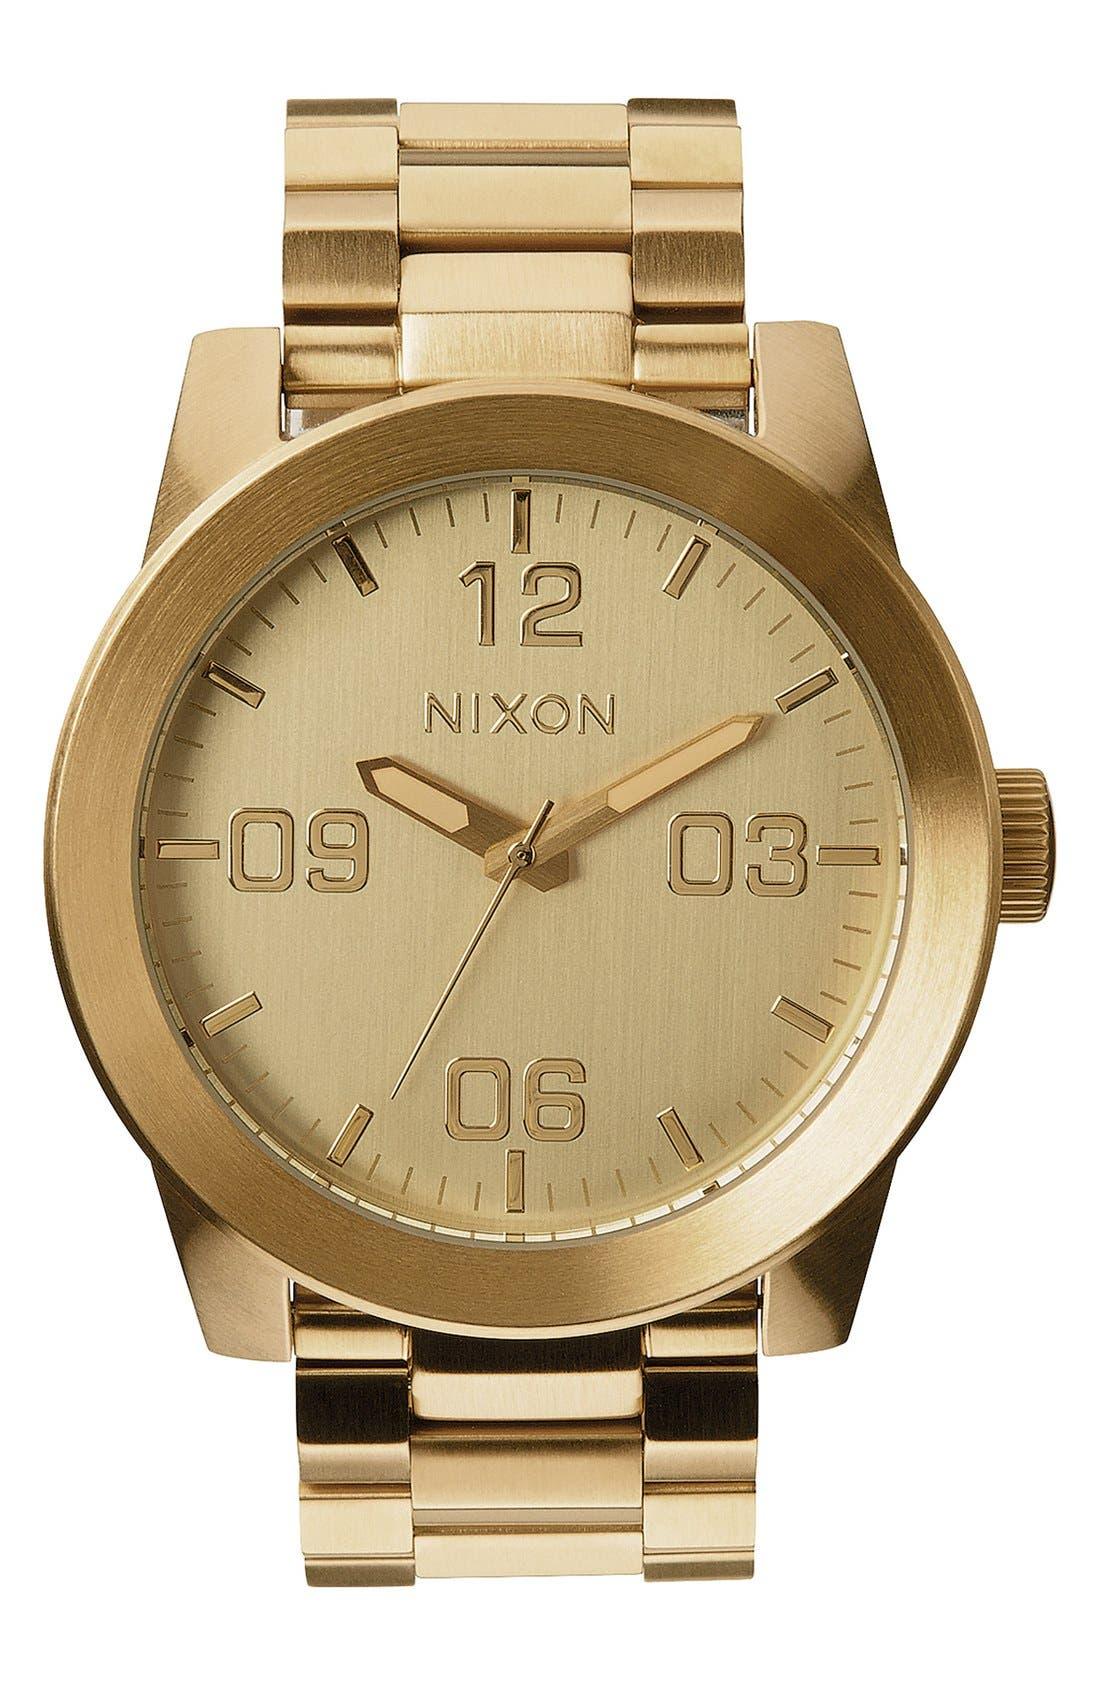 Часы Nixon оранжевые Москва - zoompostru